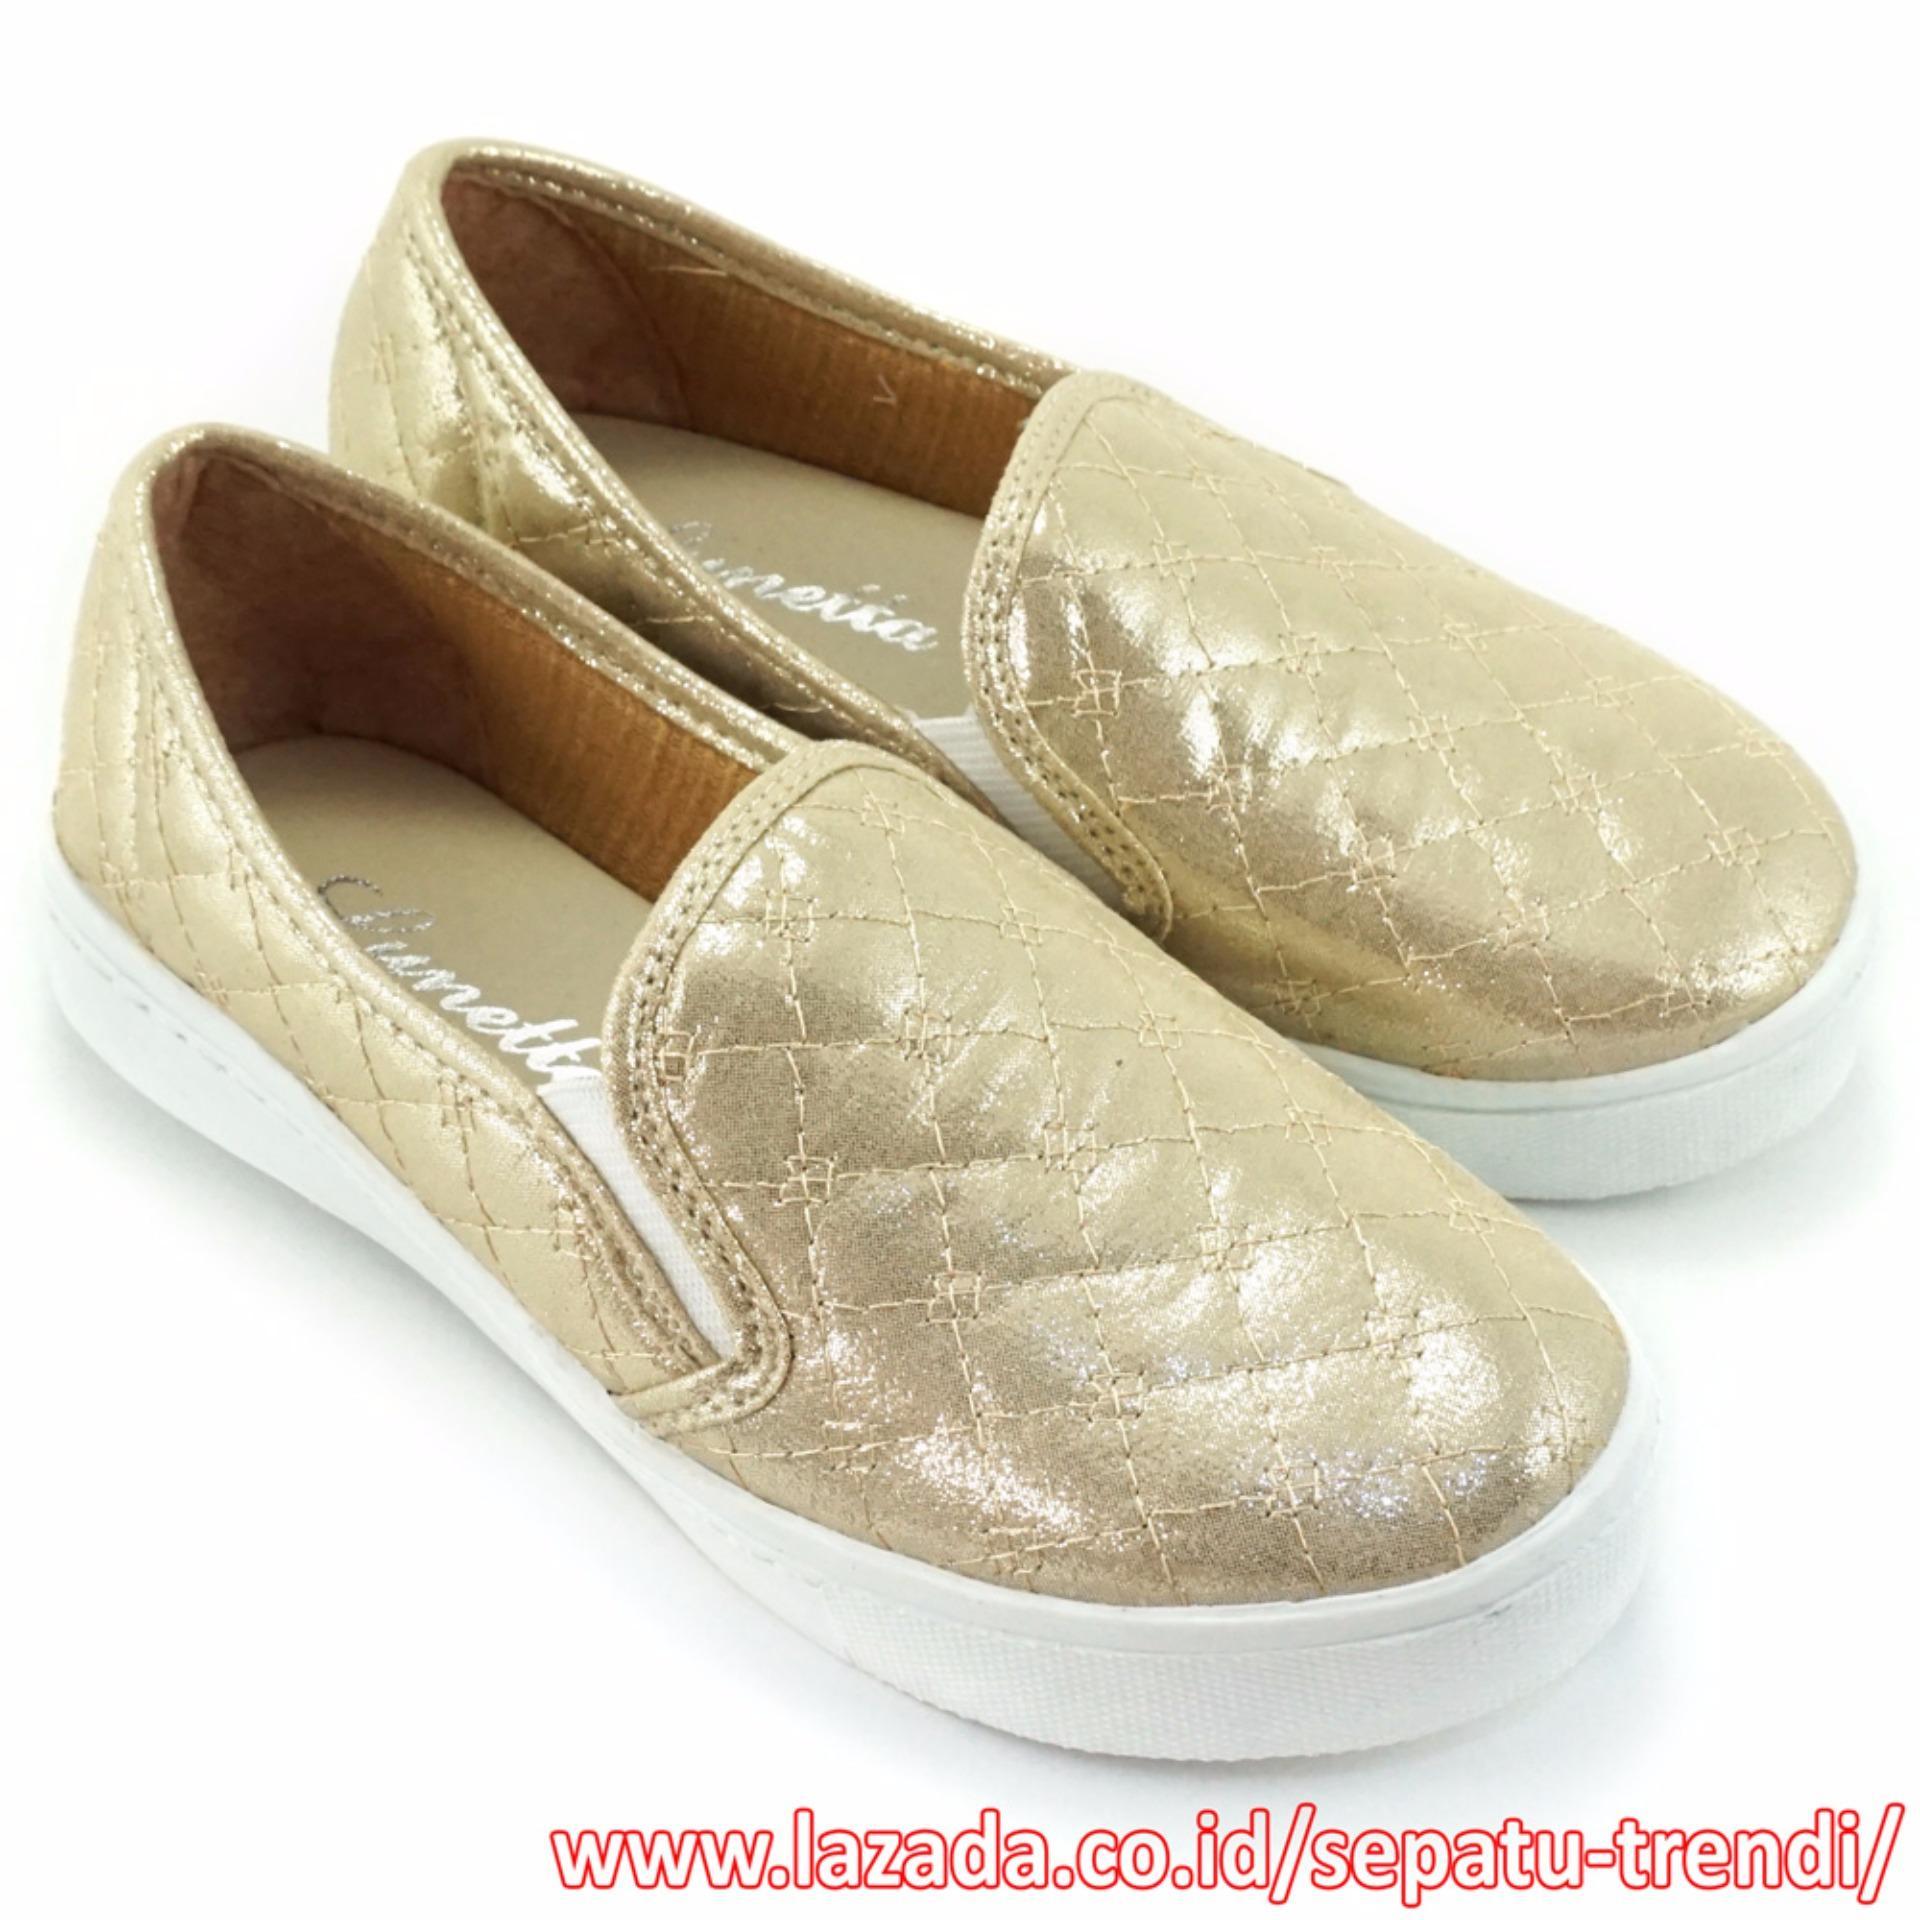 Harga Lunetta Sepatu Anak Perempuan Slip On Luxe Fcl Emas Original